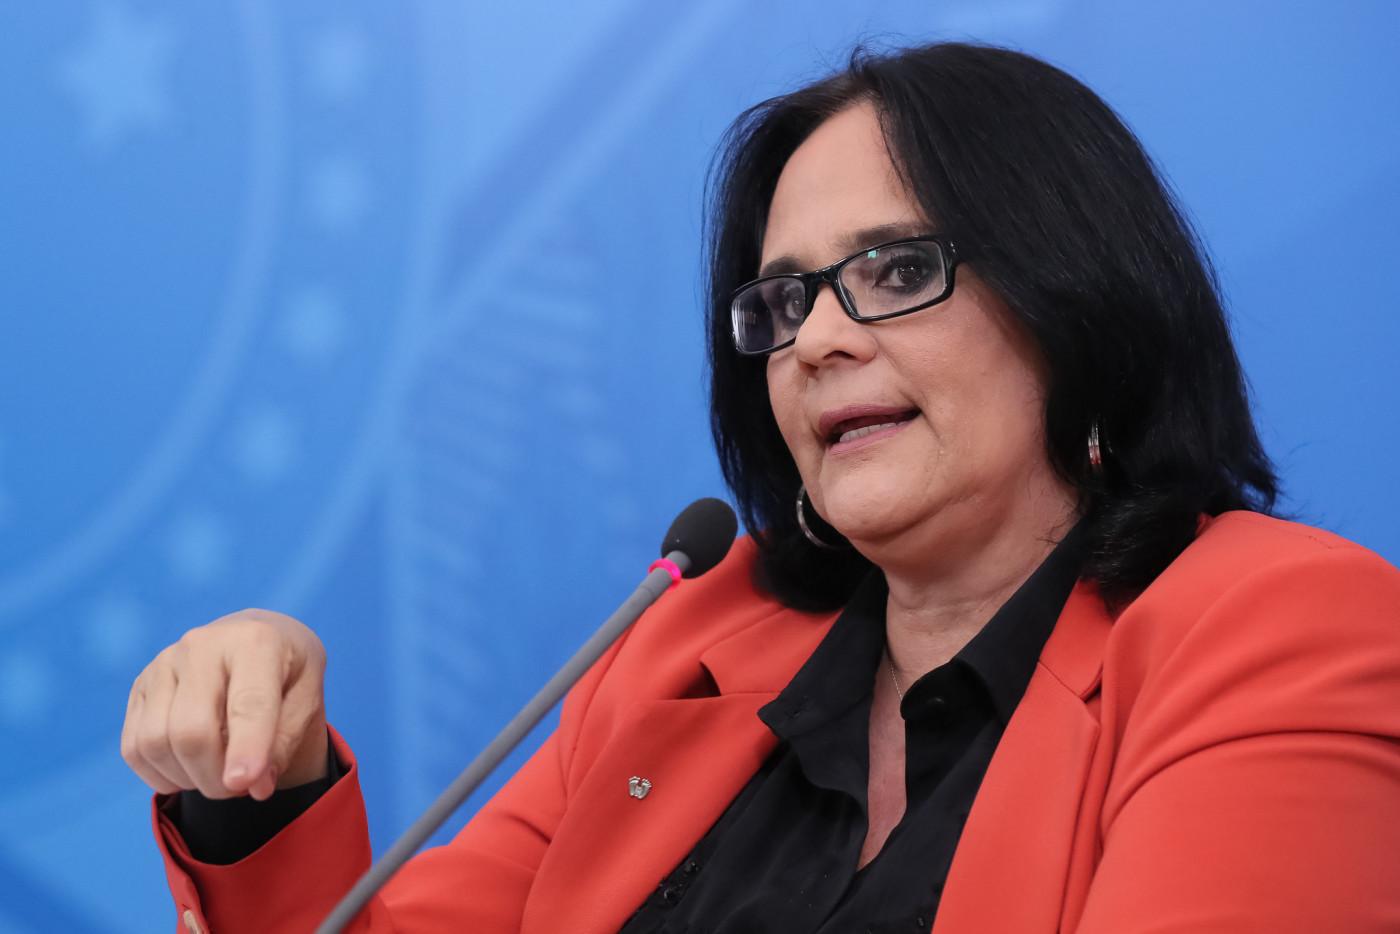 ministra damares alves. mulher branca de cabelo chanel preto, falando ao microfone, com casaco vermelho